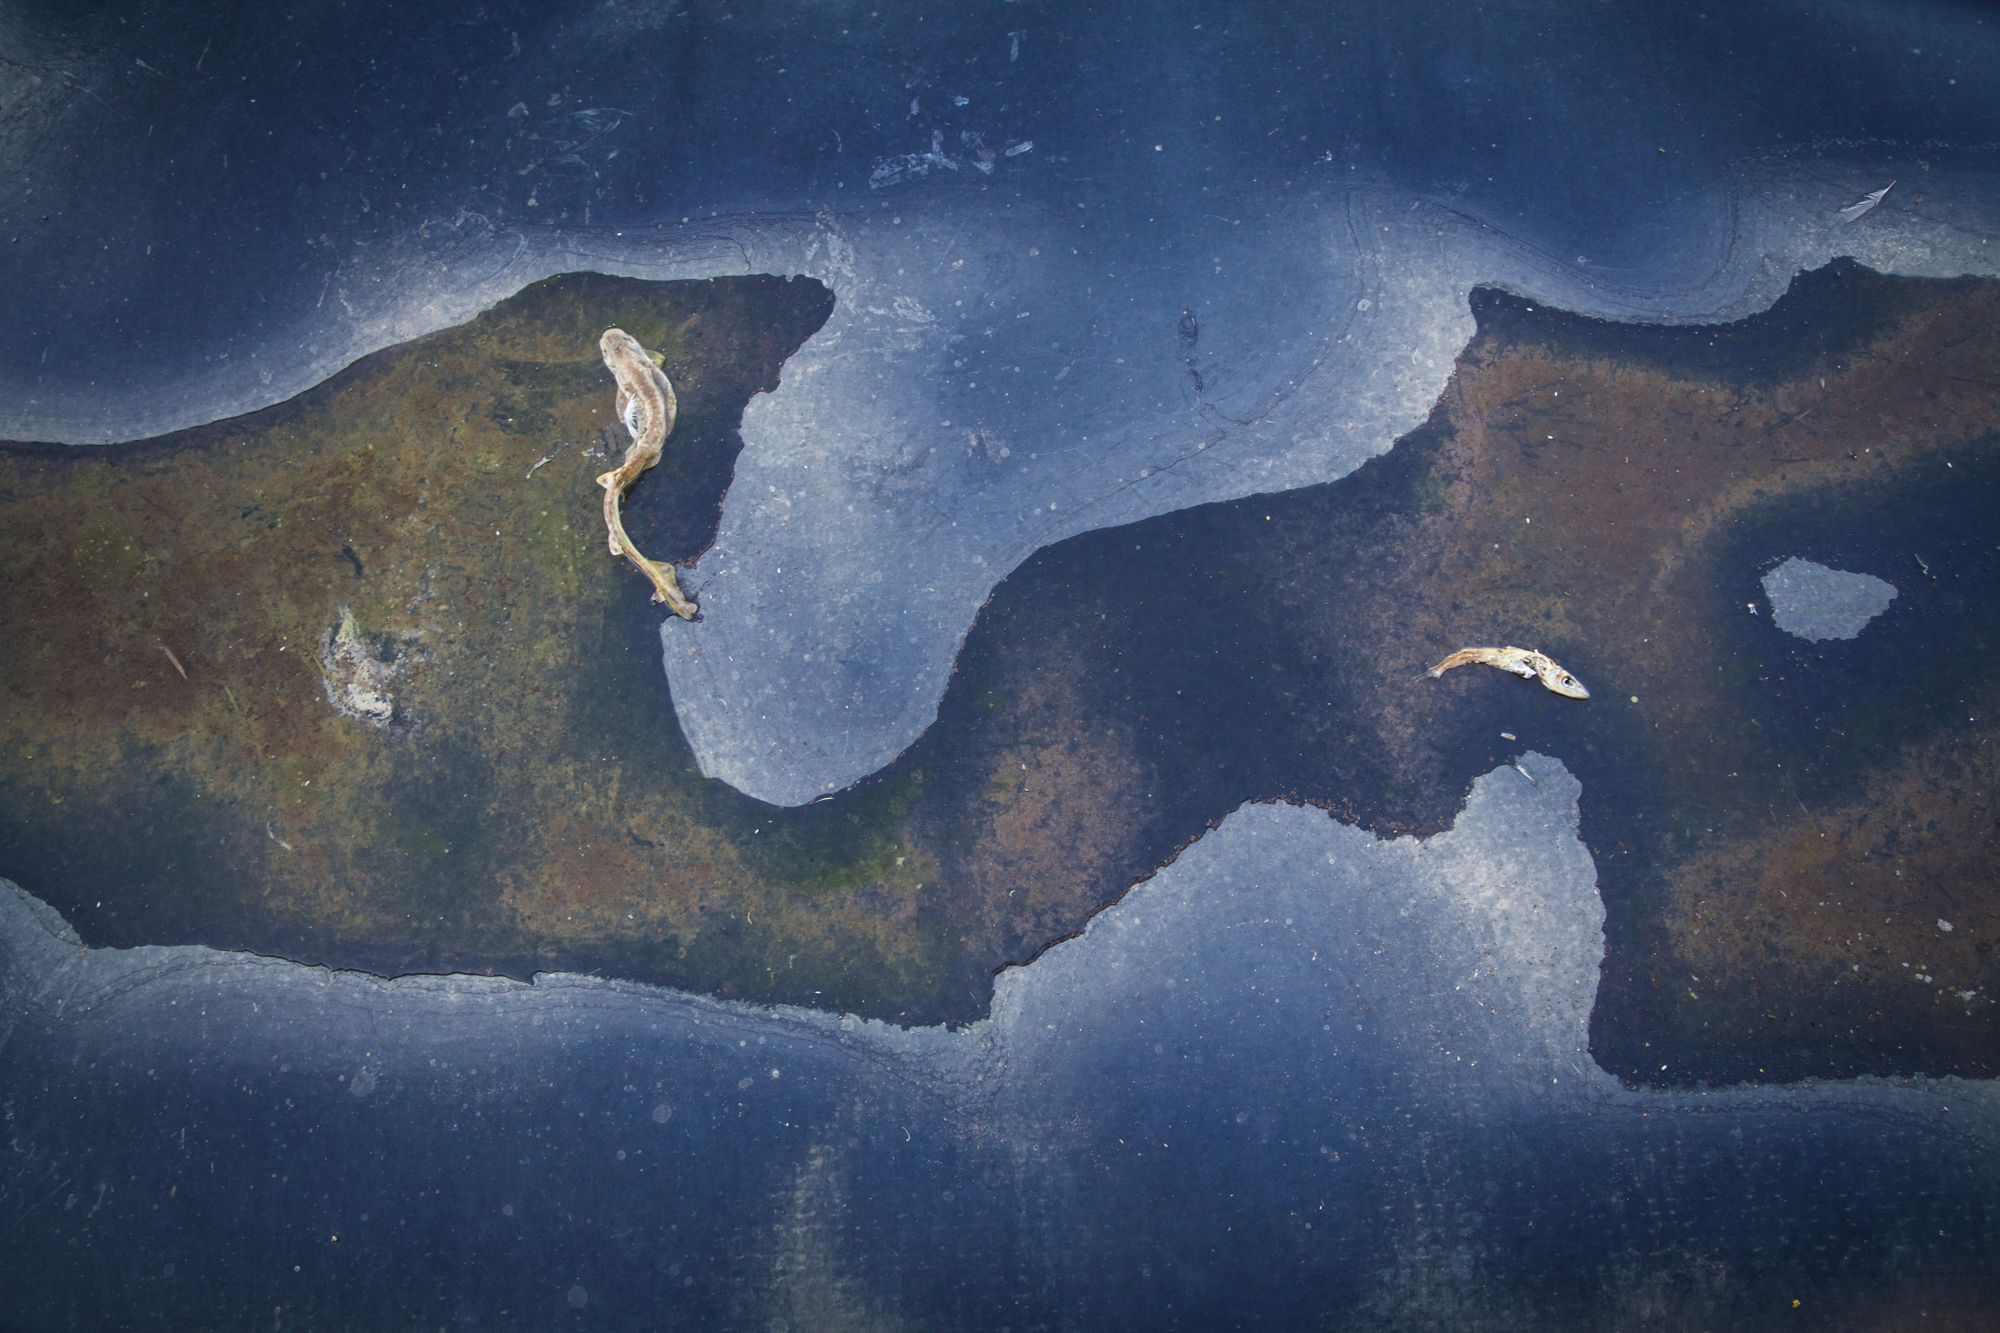 Pesci morti su telo HDPE del lato est della fabbrica, S.I.To.Co. Orbetello (Grosseto), 2015.Le aree nord ed est della ex-S.I.To.Co. sono state coperte su decisione del Ministero dell'Ambiente per far sì che la cenere di pirite non contaminasse la prima falda d'acqua che si trova a circa 6/7 metri dal piano campagna.